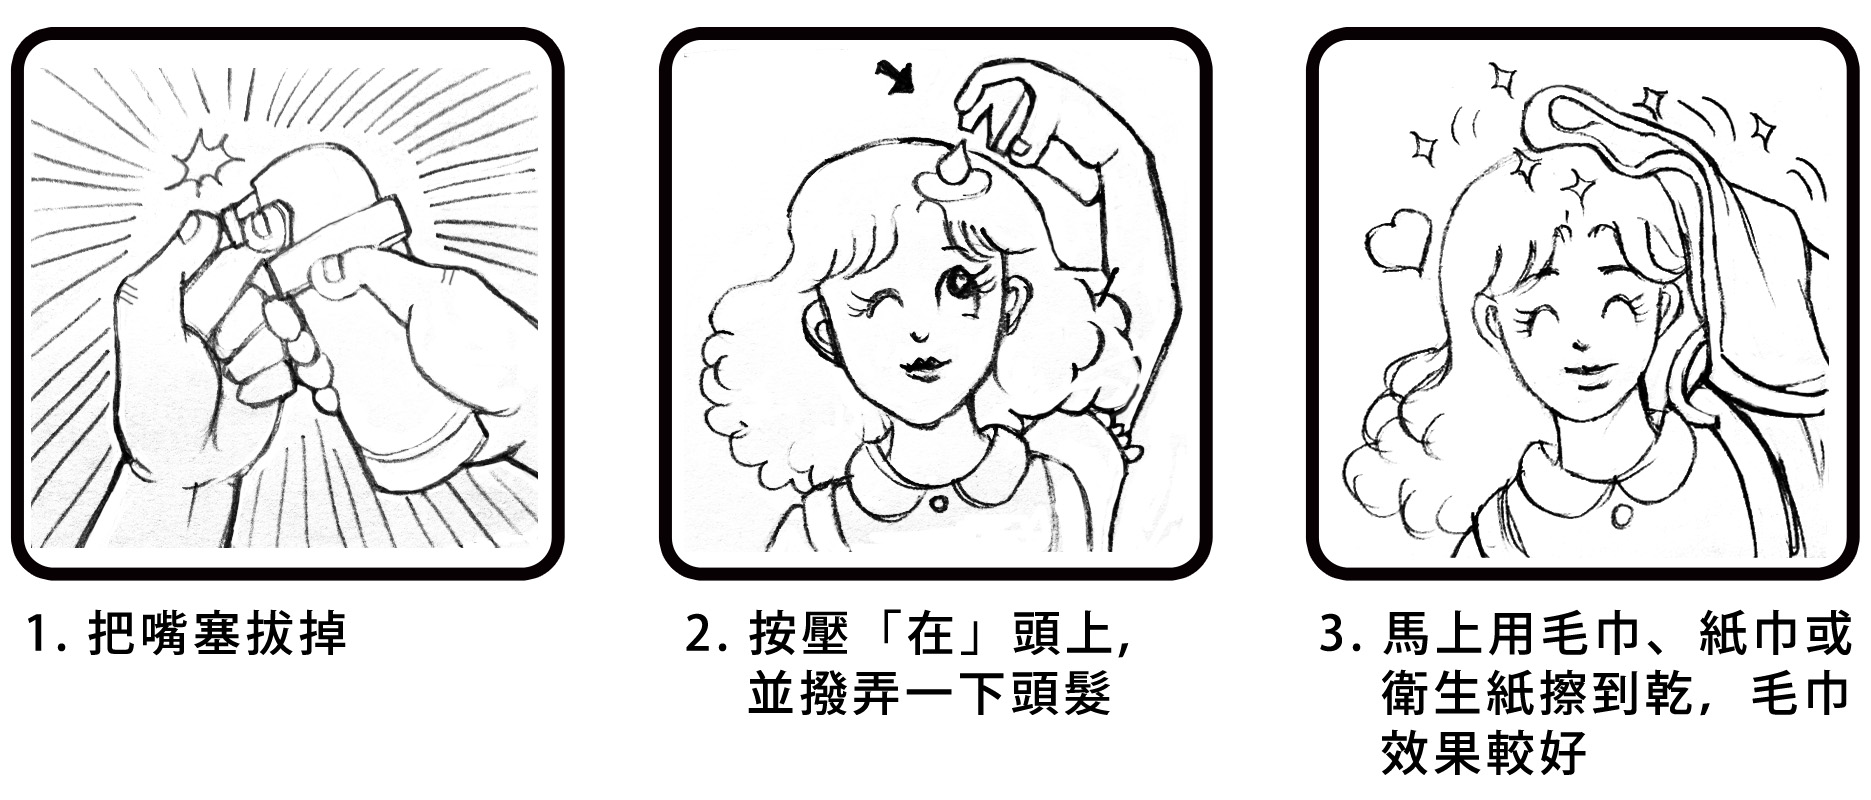 最后用梳子梳头发